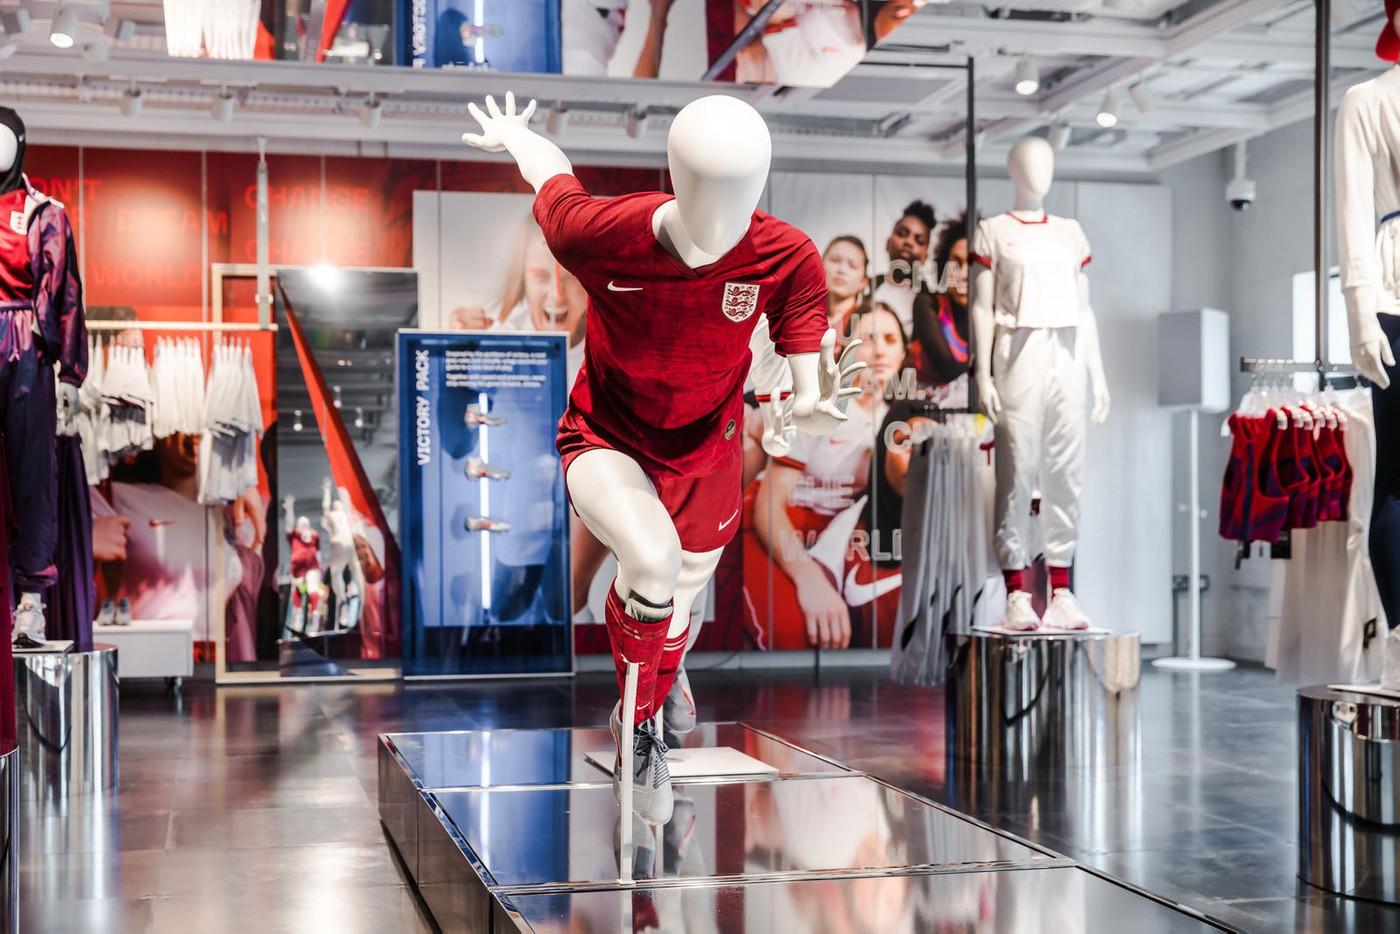 Manekin przedstawiający kobietę w stroju piłkarskim